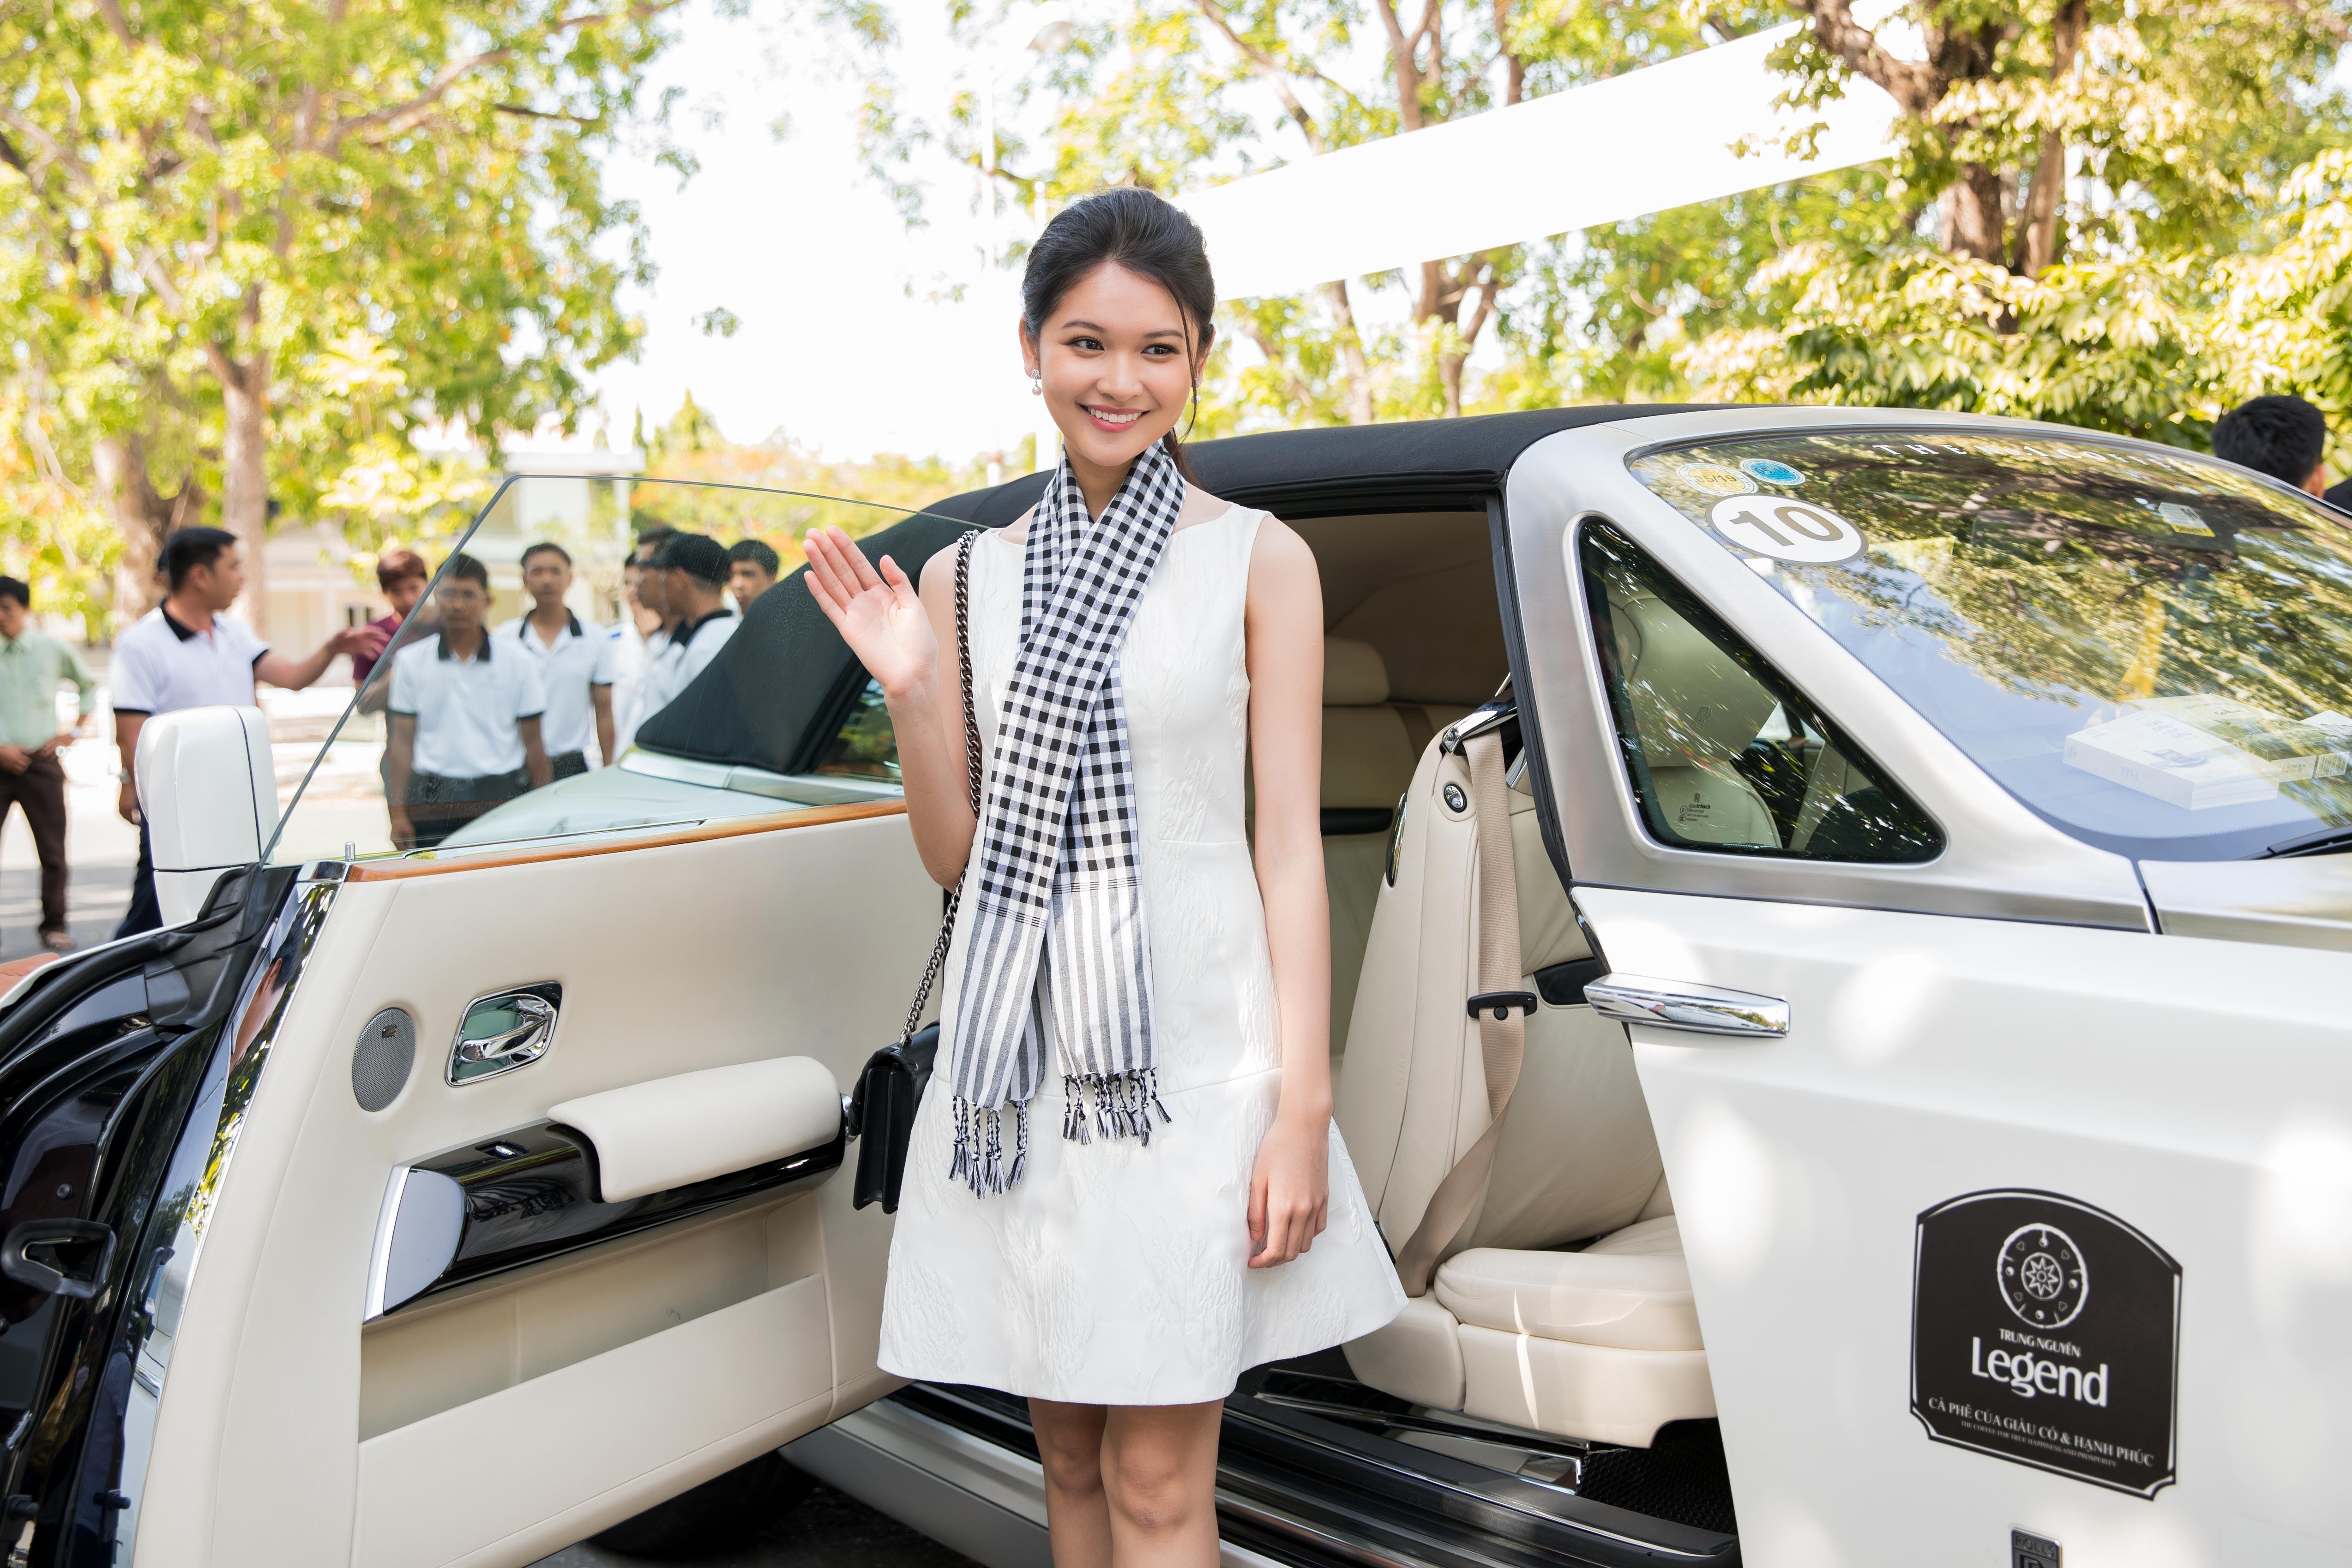 Siêu xe Bugatti Veyron 40 tỷ của đại gia Đặng Lê Nguyên Vũ xuất hiện tại Đà Nẵng 1